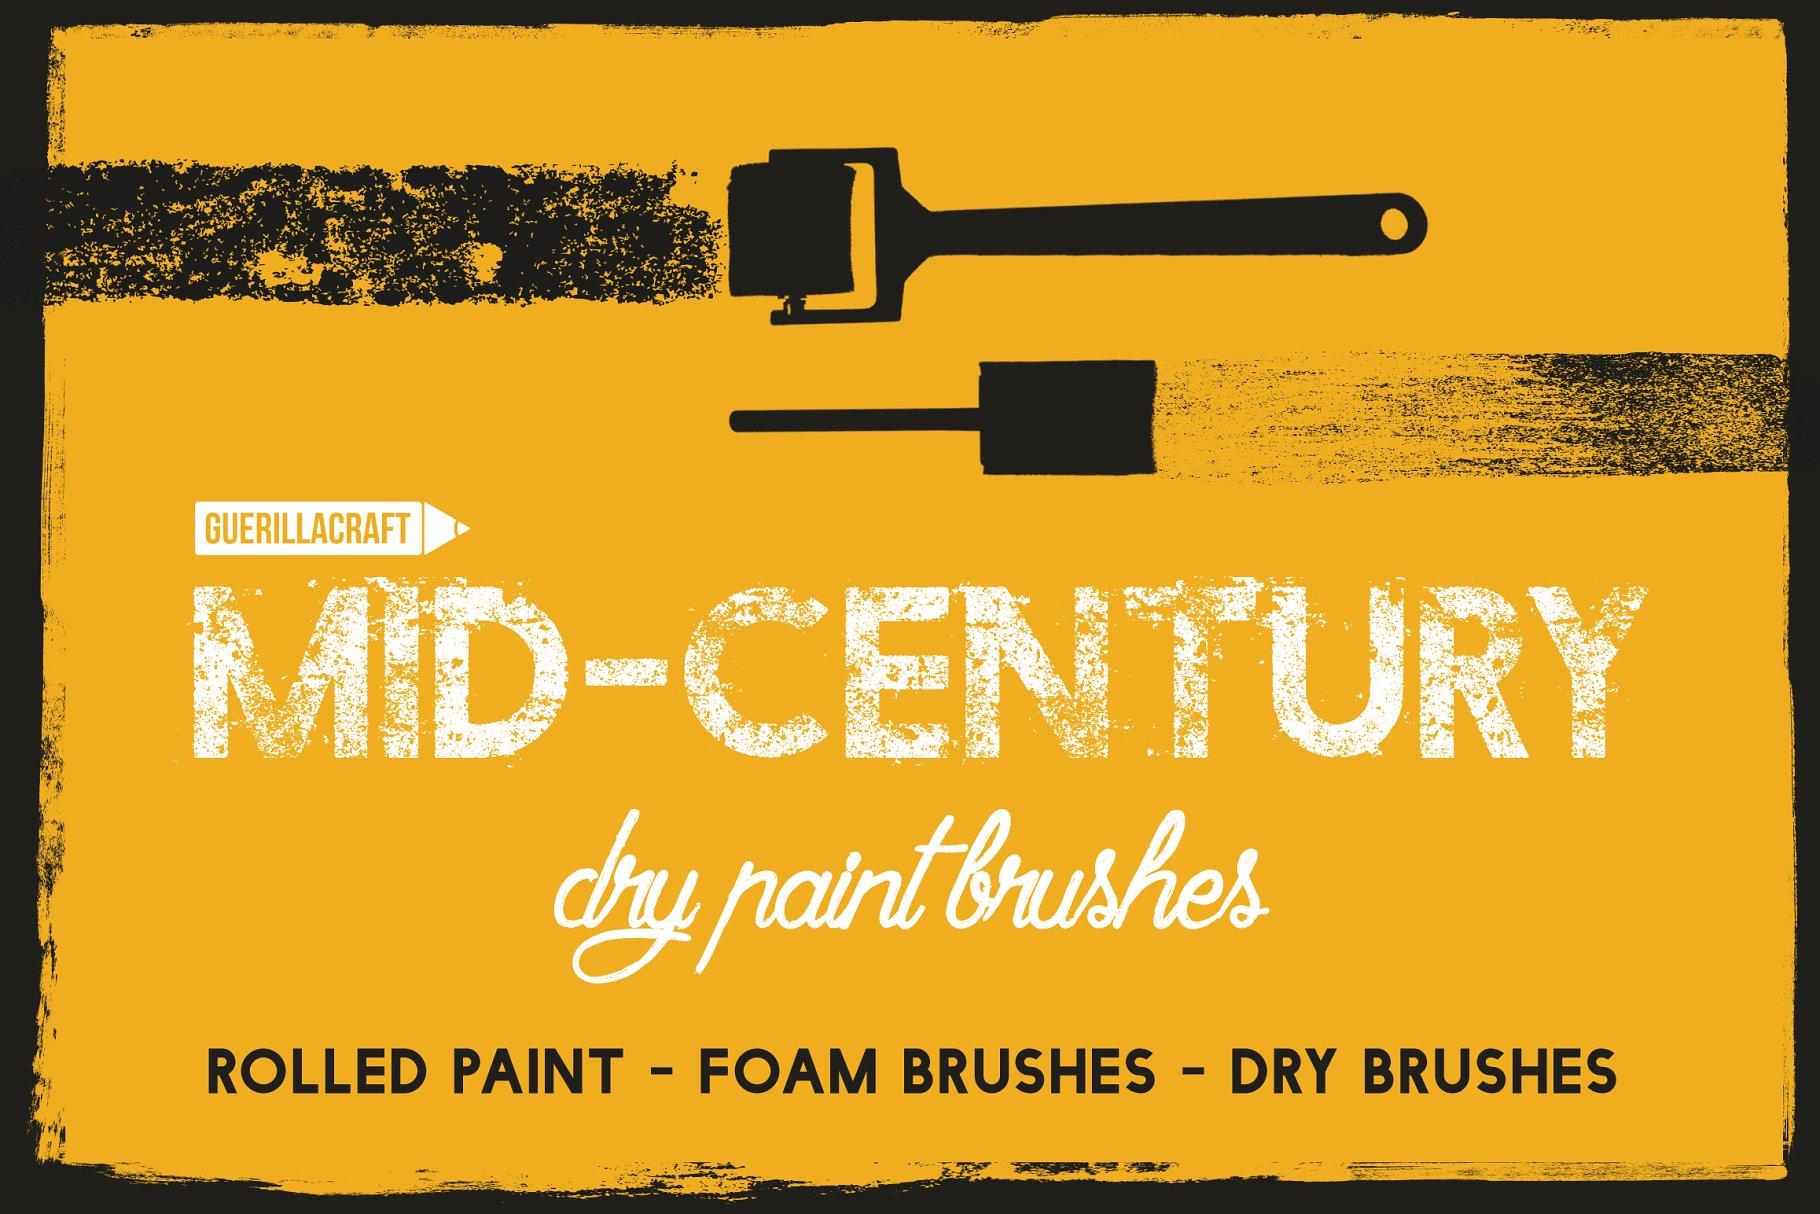 中世纪PS笔刷下载 Mid-Century – Dry Paint Brushes设计素材模板